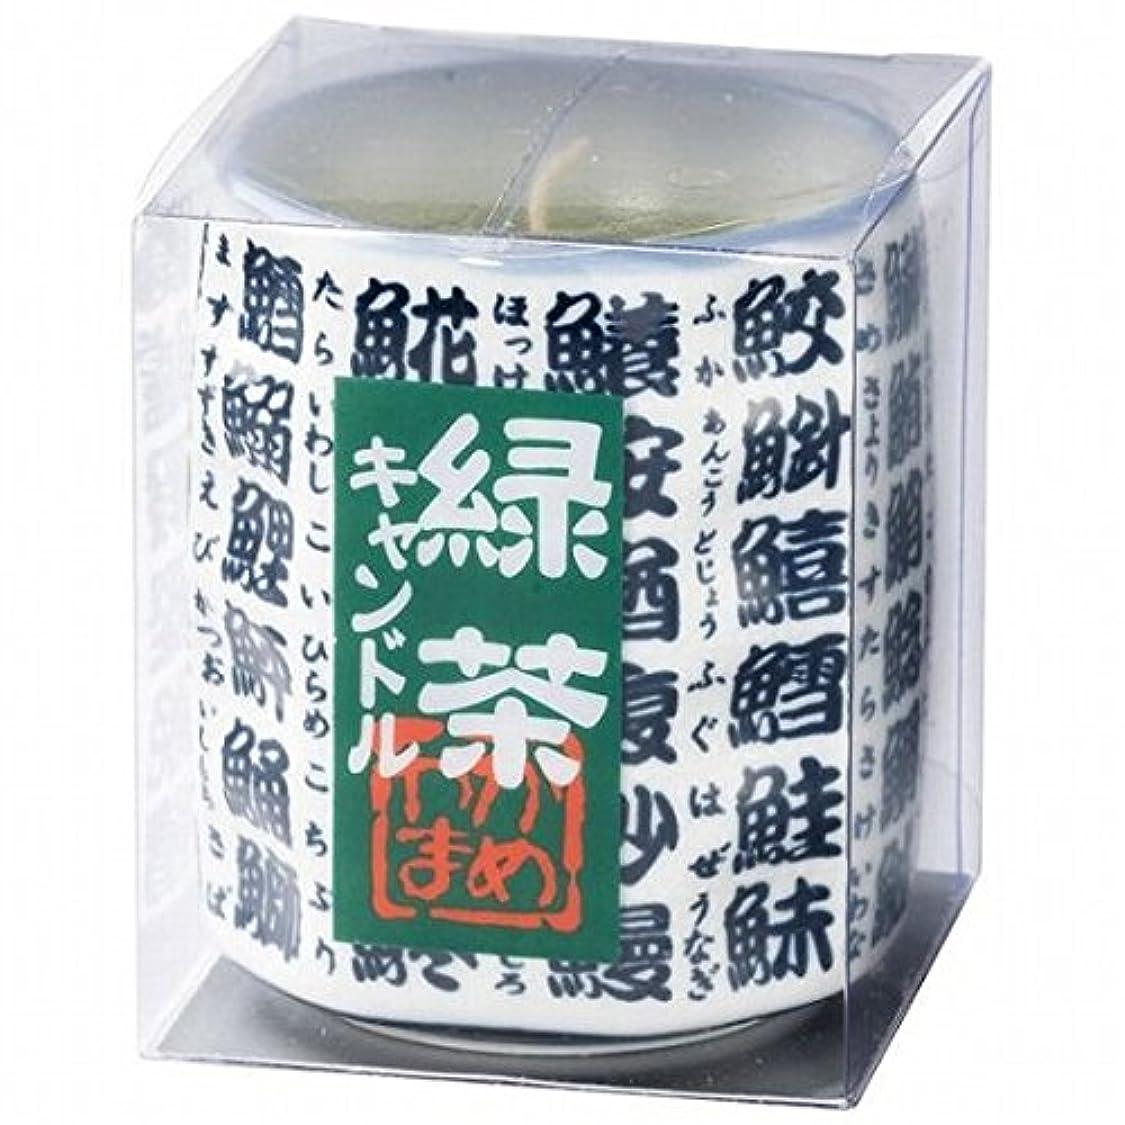 重要性ボイコットデッキkameyama candle(カメヤマキャンドル) 緑茶キャンドル(86070000)